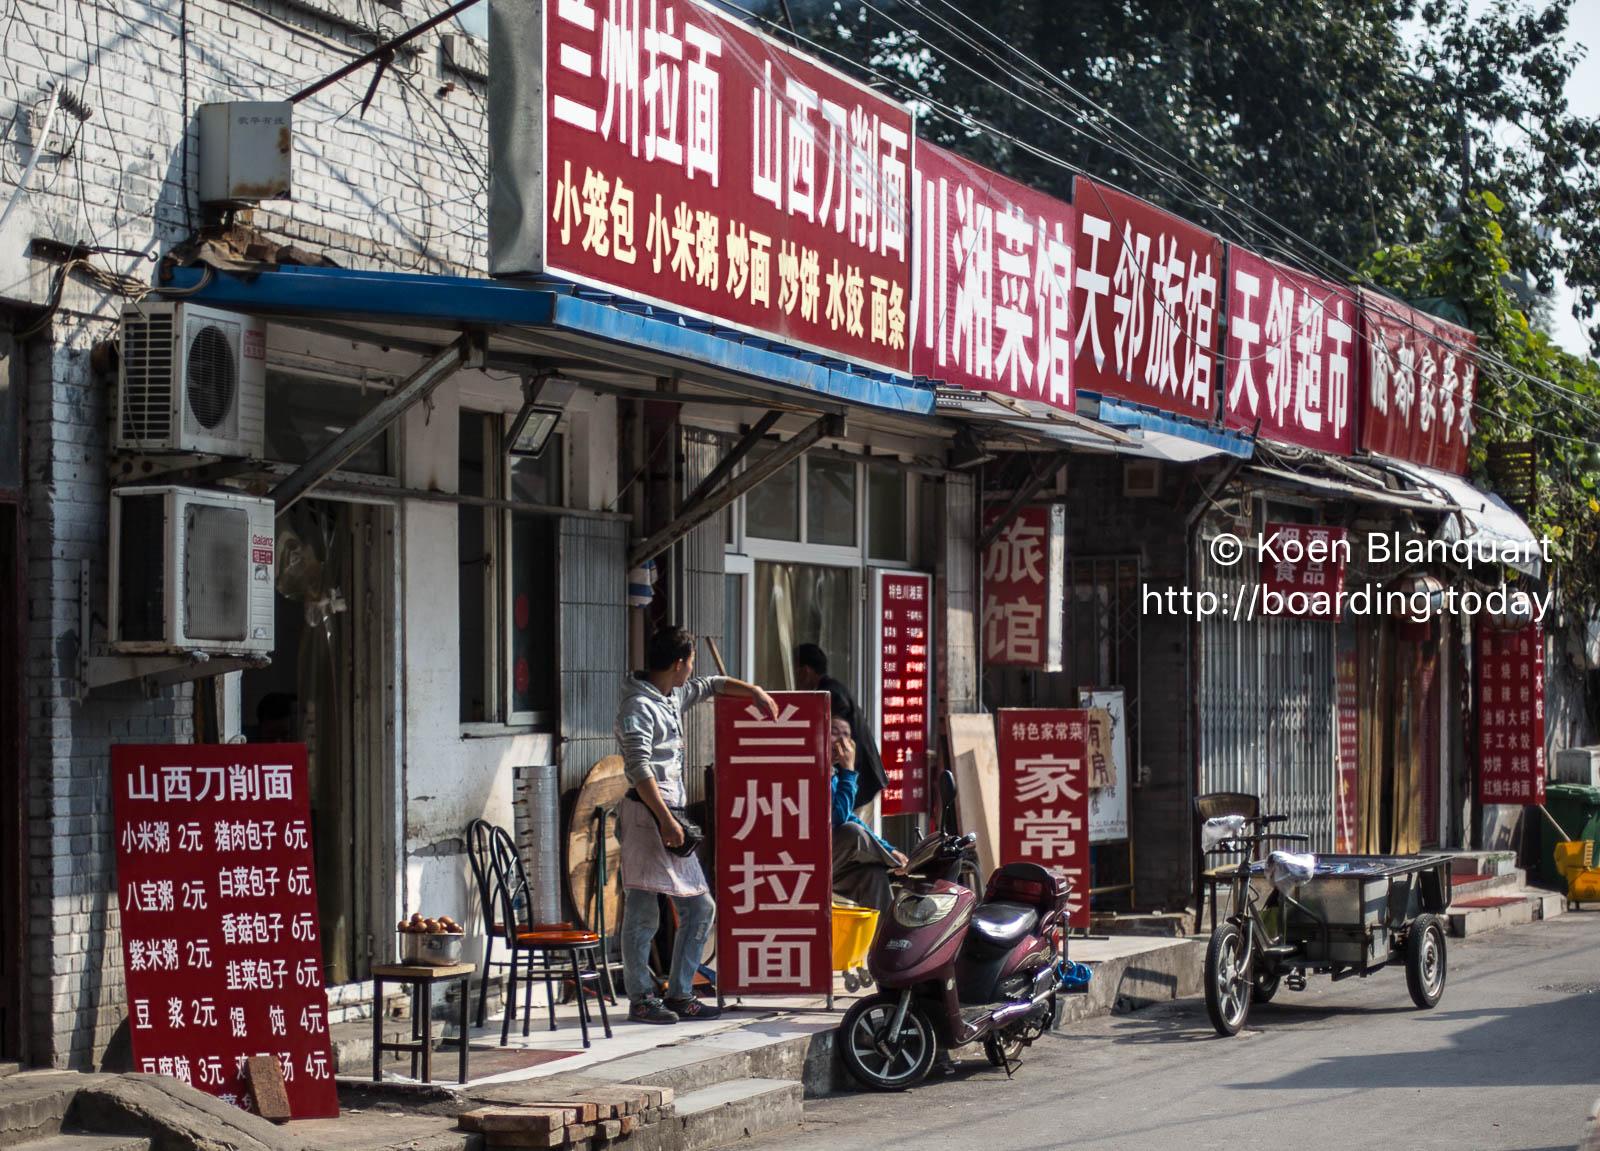 Restaurant in Beijing